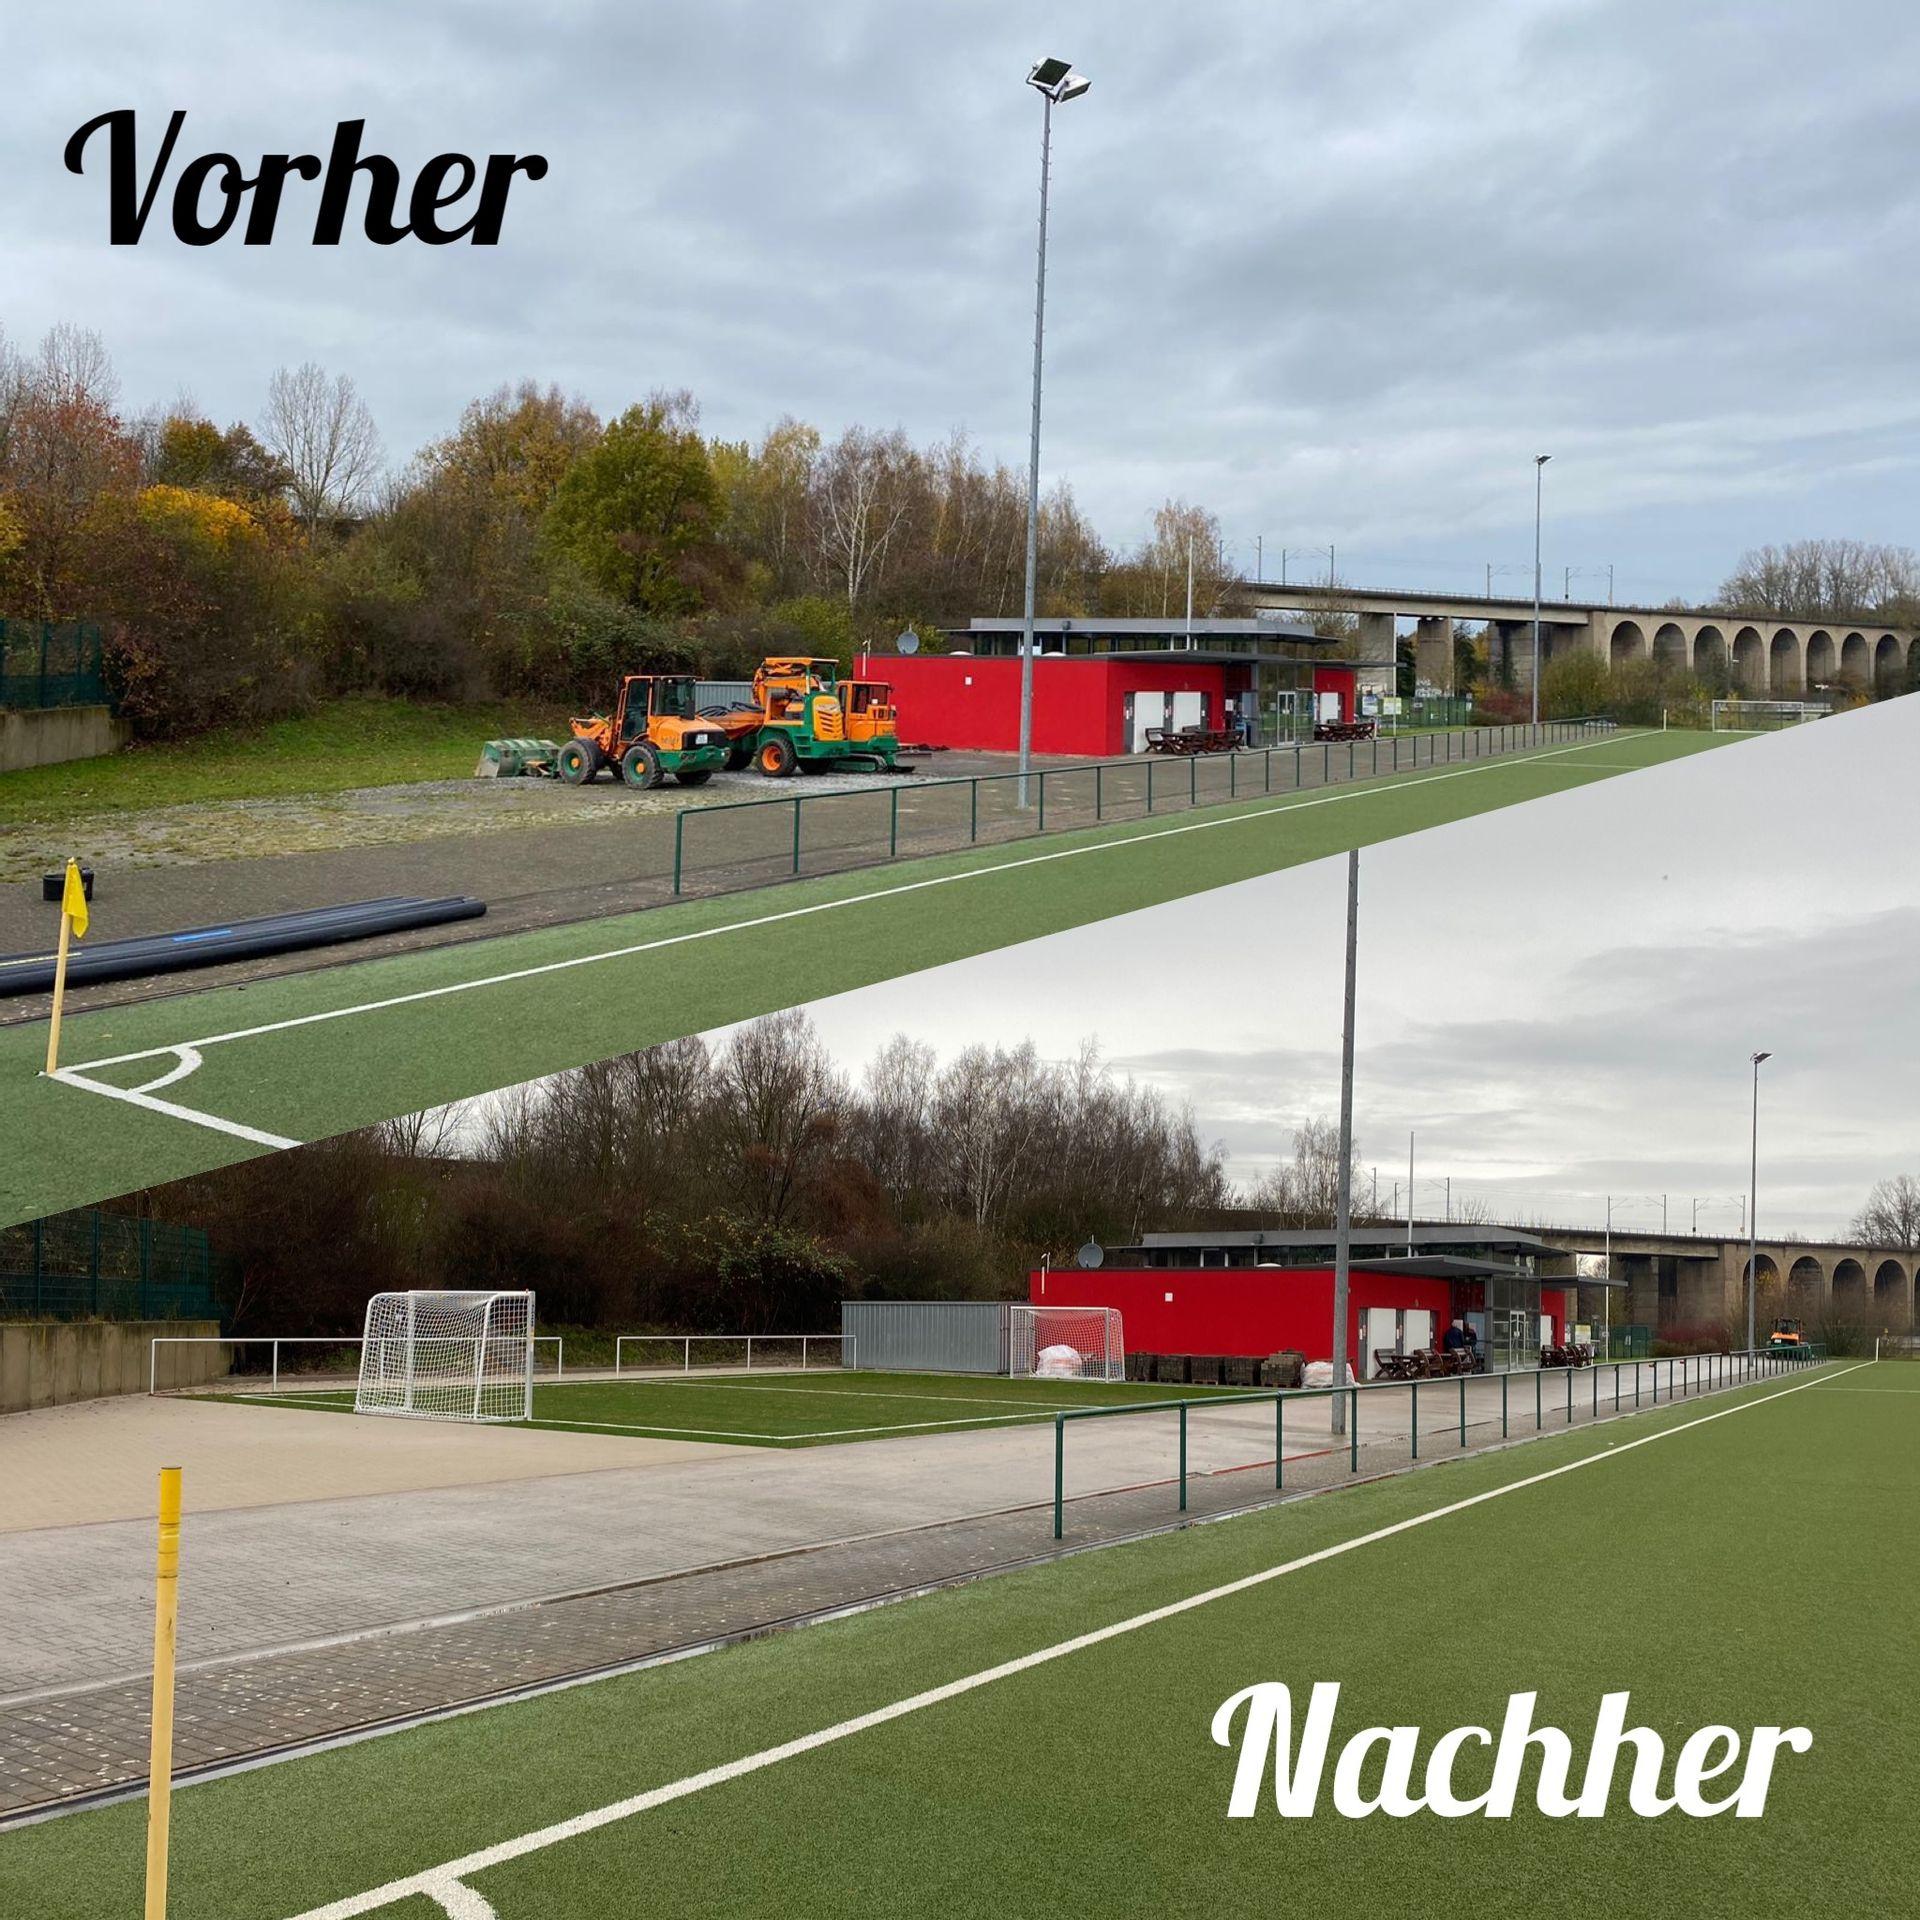 Baustellen-Tagebuch - Neubau Kleinspielfeld 2020